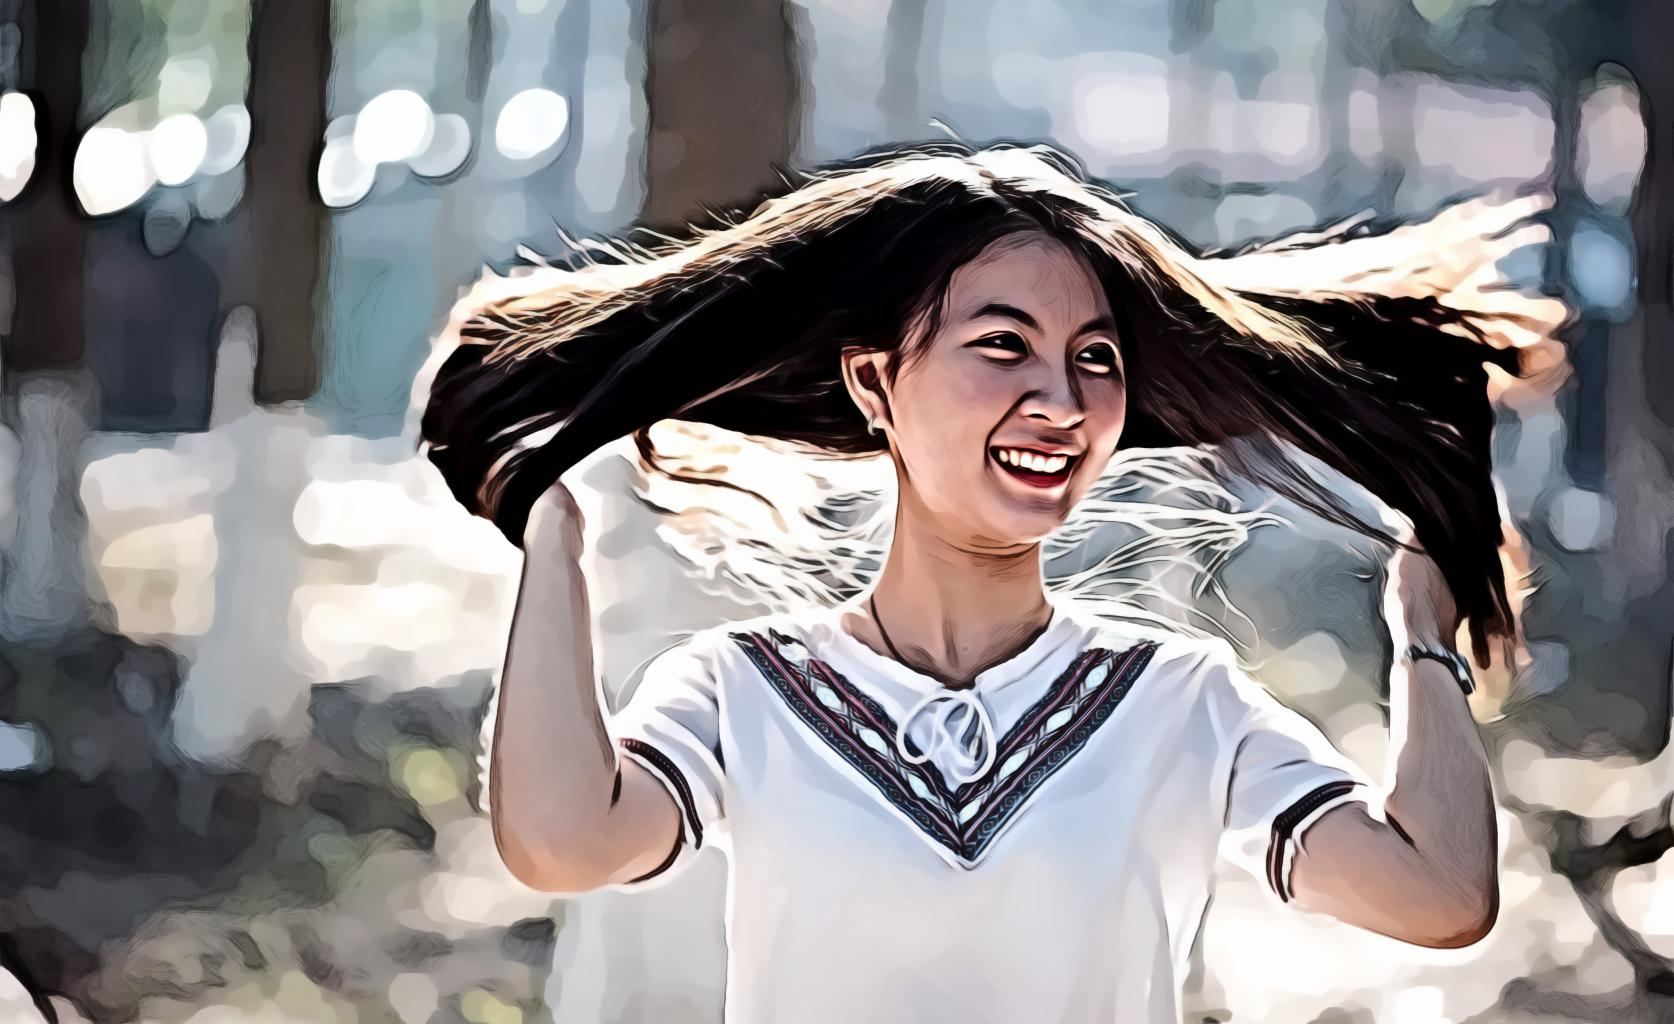 Smiling Girl in White T-Shirt